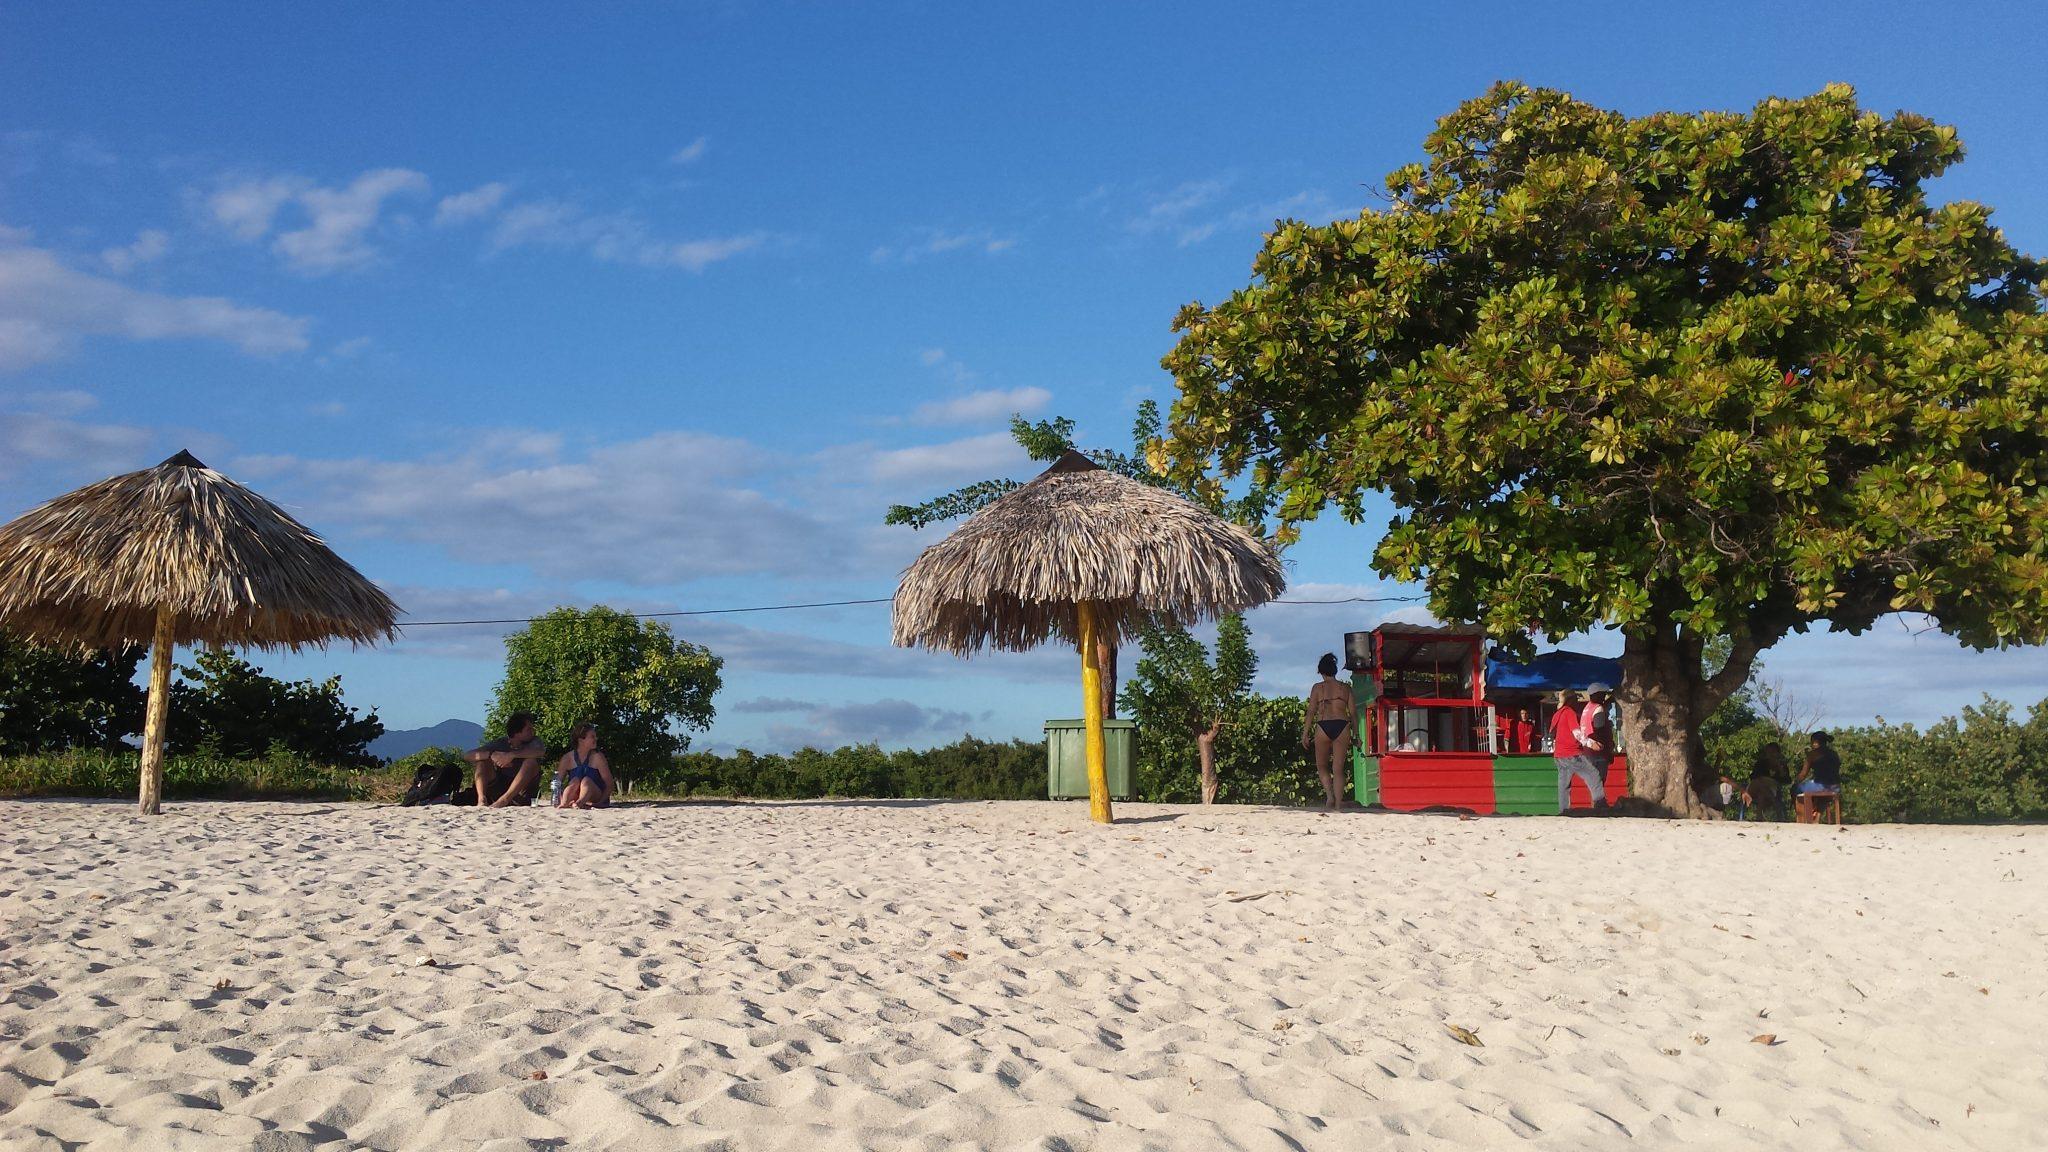 Img post Qué ver en Trinidad. Playa Ancón 4 - Pasaporte y Millas